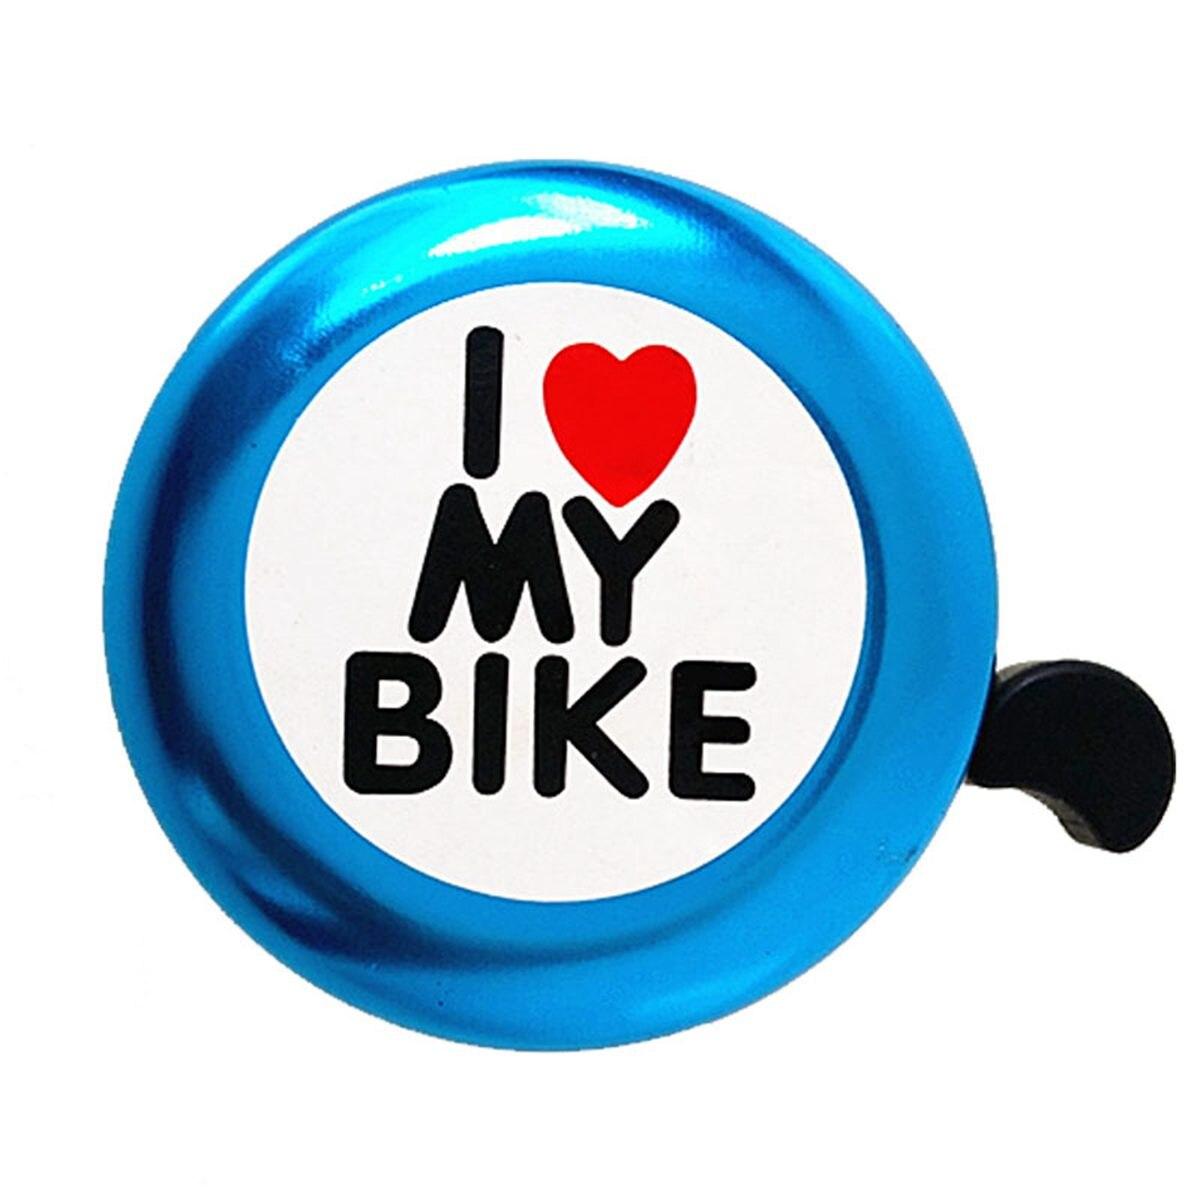 FLGT-Bicycle Bell - ' I Like My Bike' Bike Horn - Loud Aluminum Bike Ring Mini Bike Accessories for Adults Men Women Kids Girl